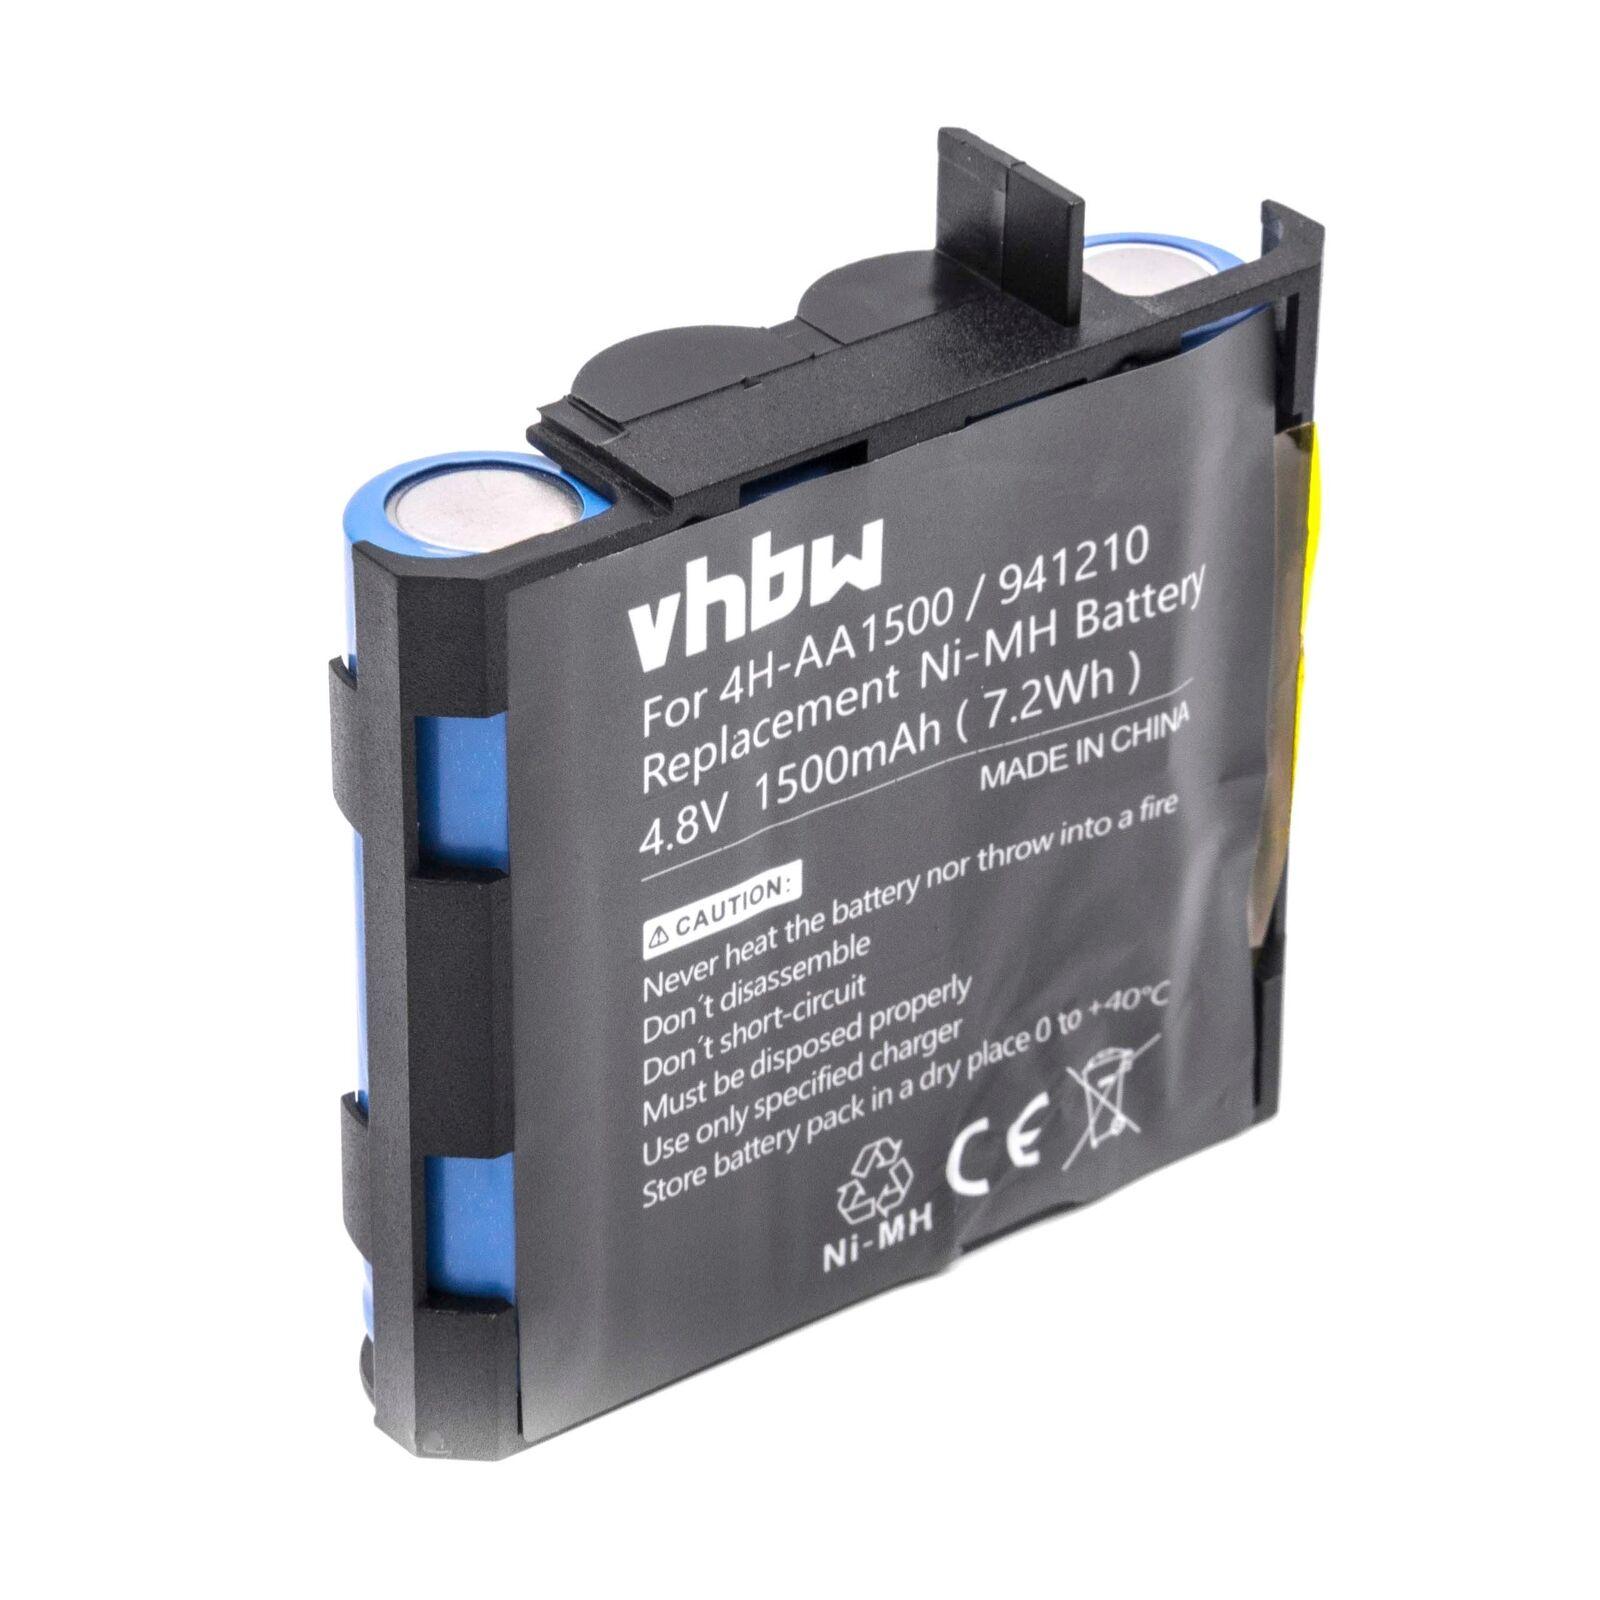 Batterie Compex 1500mAh pour Compex Batterie 4H-AA2000, 941210, 941213, 4H-AA1500 0685f6